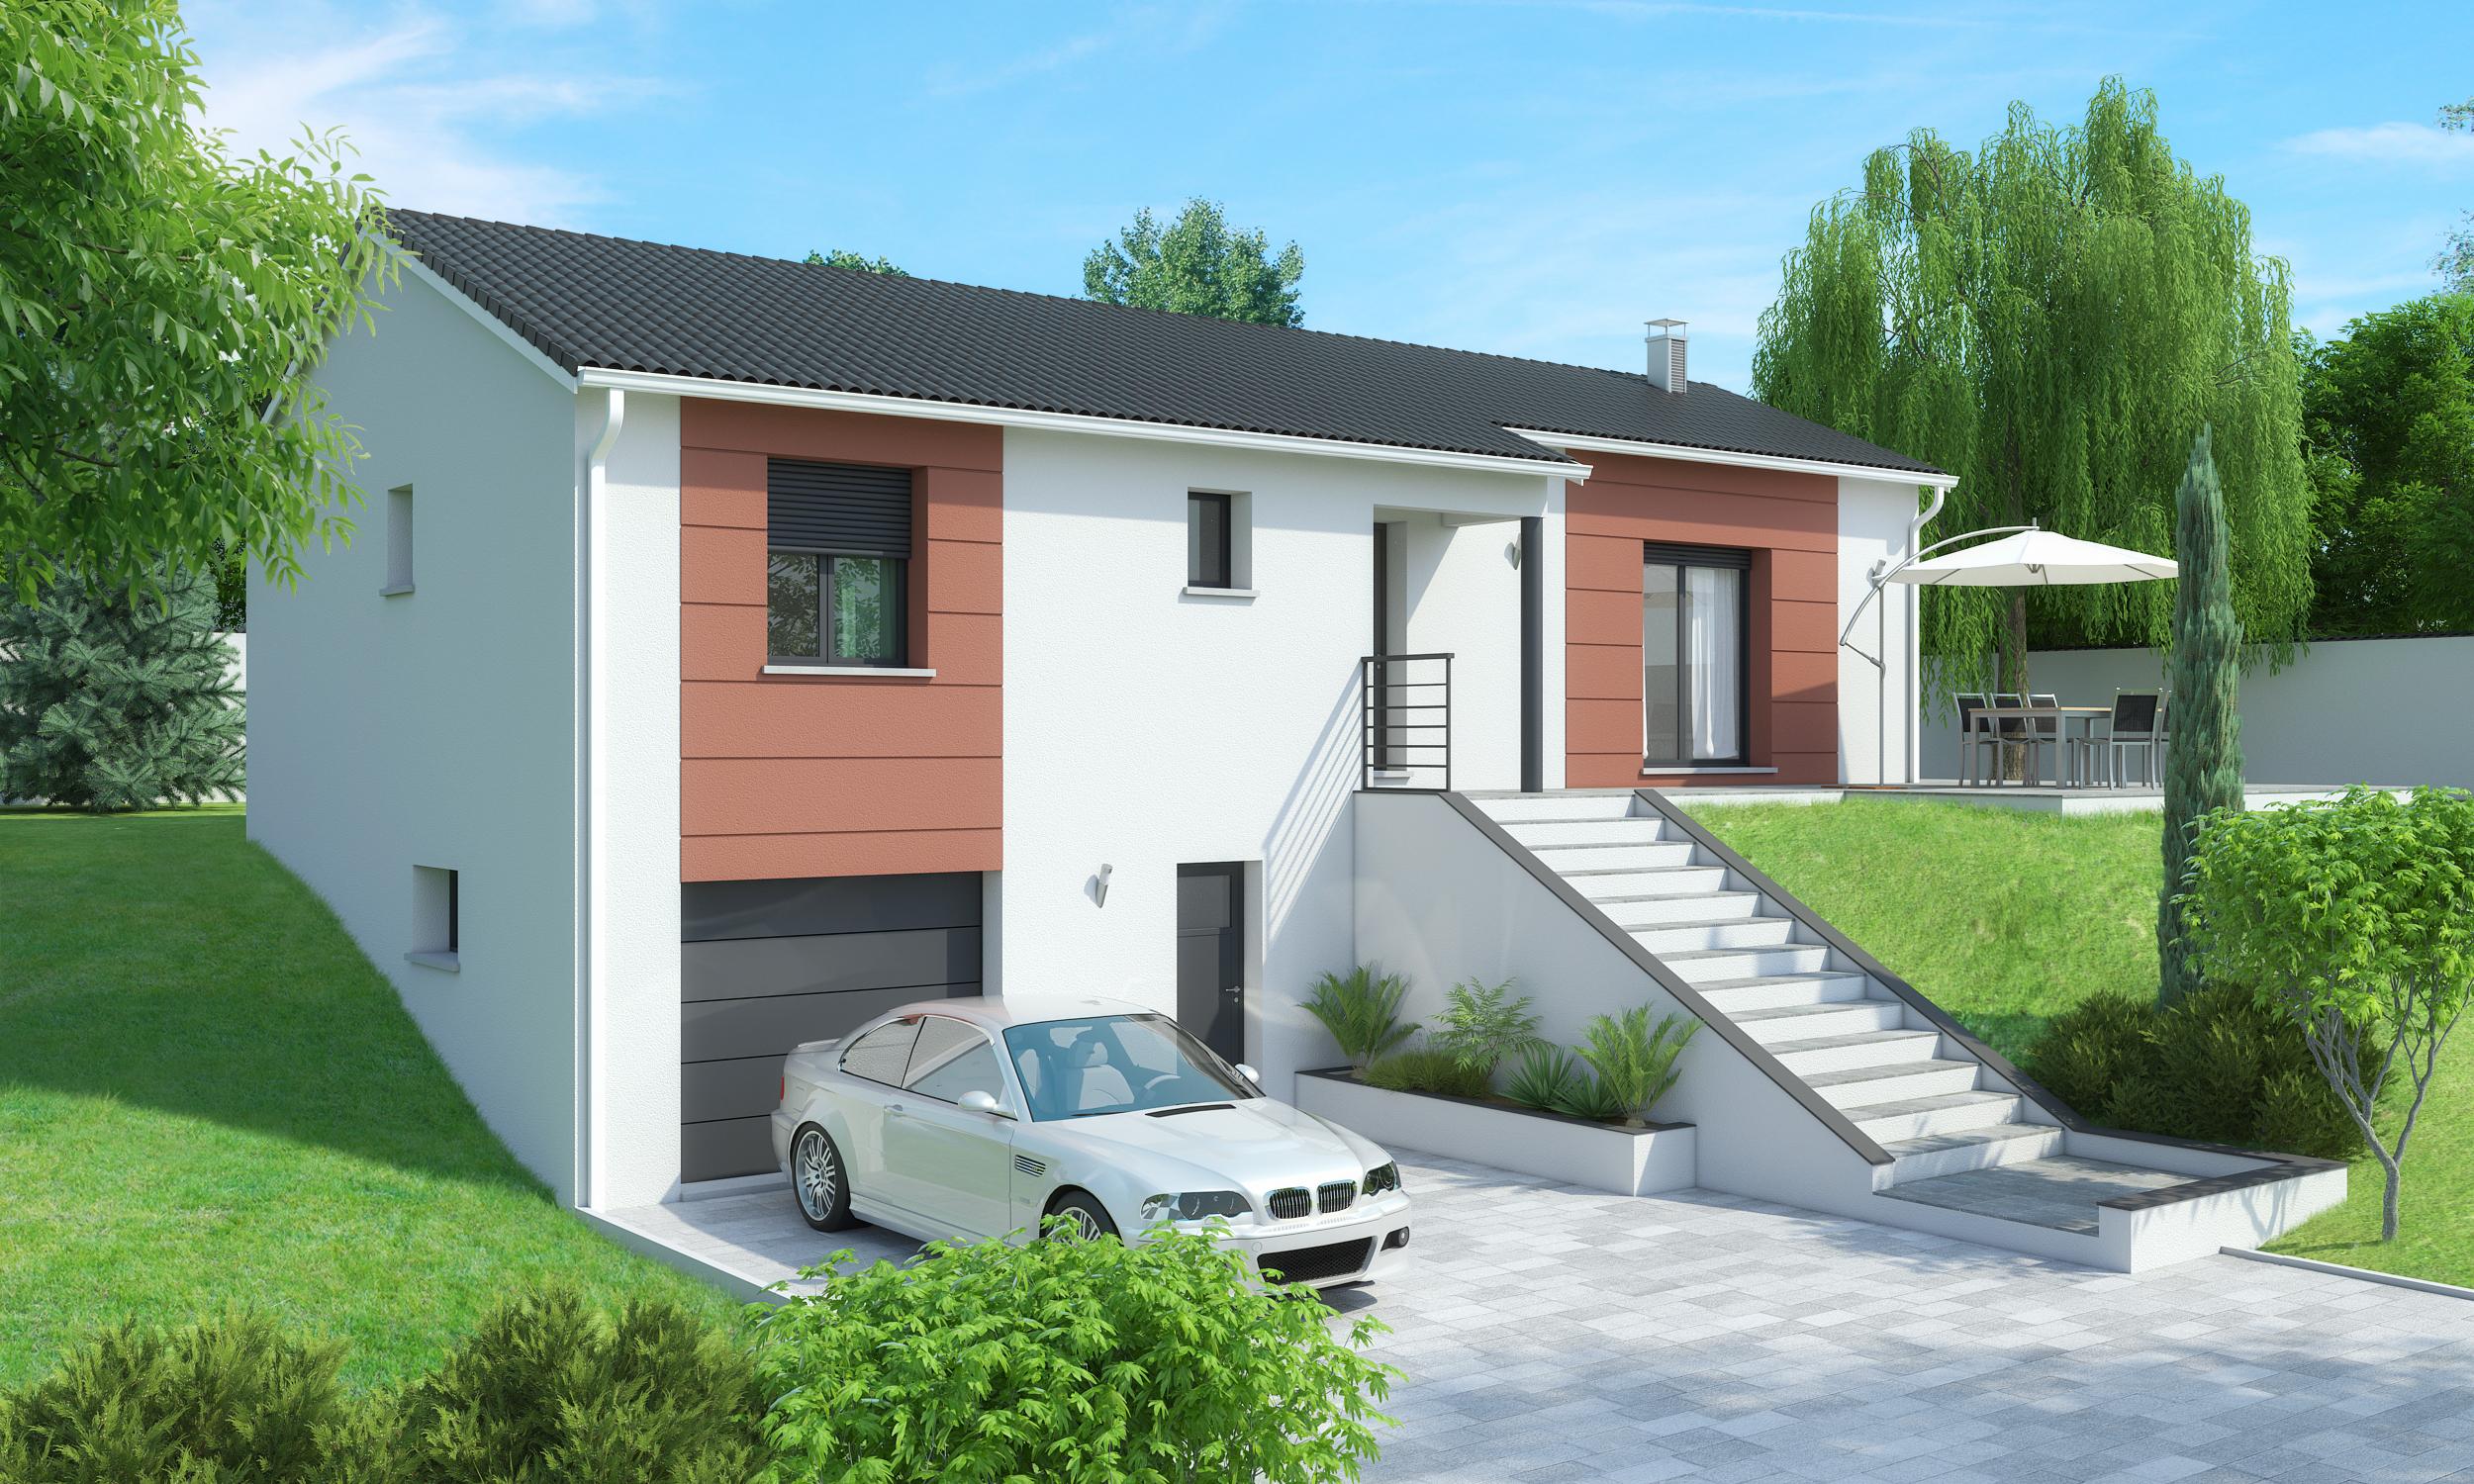 Maison sous sol vals pr s le puy terrain maison for Modele maison avec sous sol complet